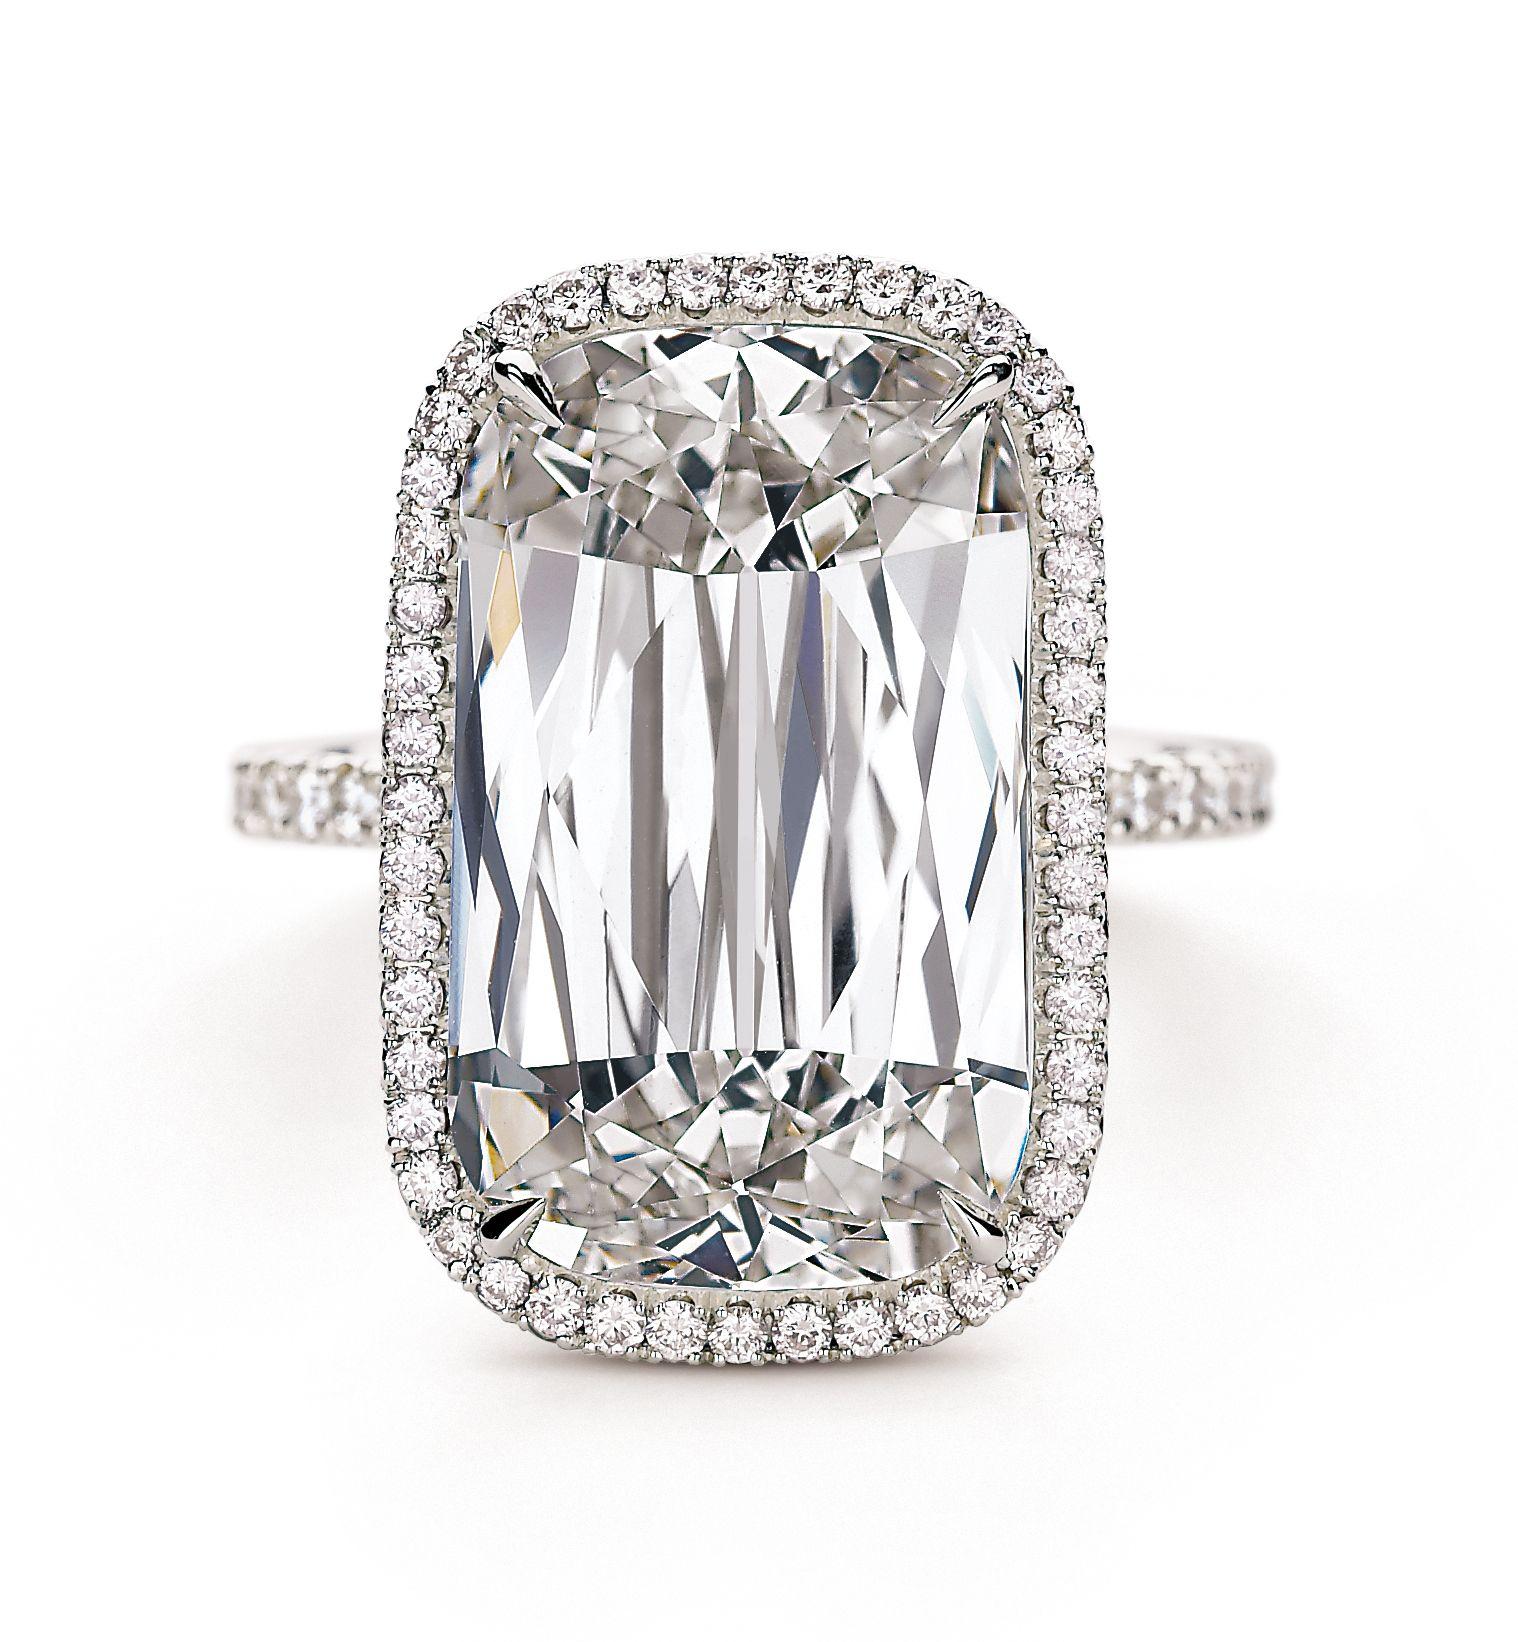 ASHOKA Diamond Jamie Ring by William Goldberg